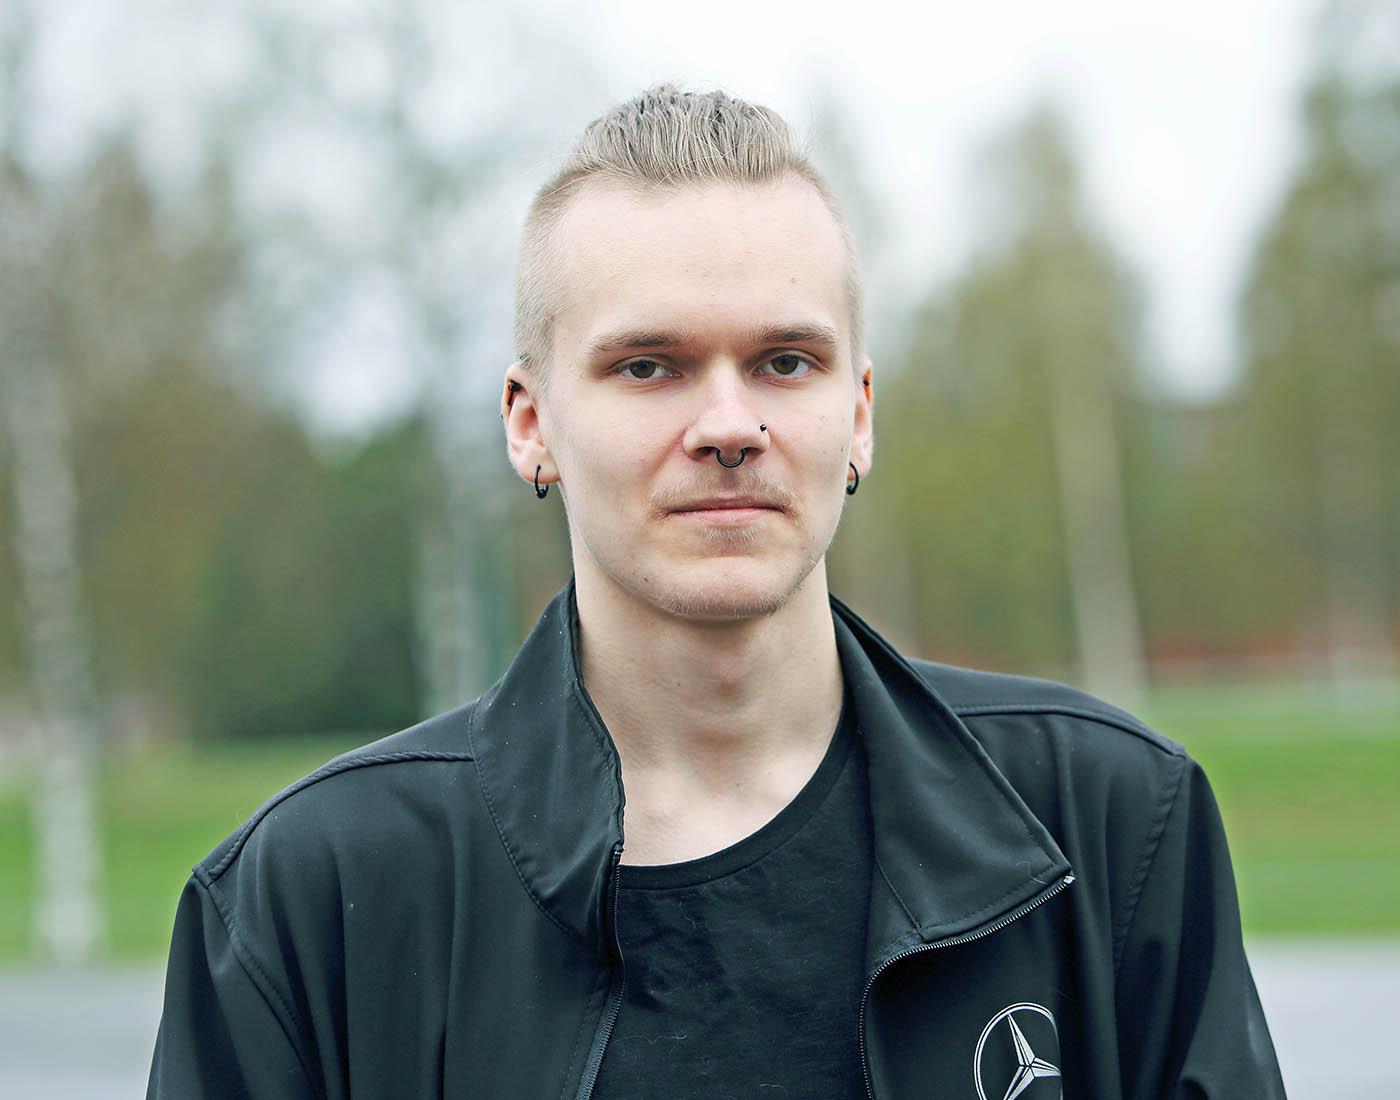 Valtteri Ekoluoman kesä kului lomittajana Tiedolla. Syksyllä edessä on insinööriopintojen aloitus Oulussa. Kuva Roy Viitanen